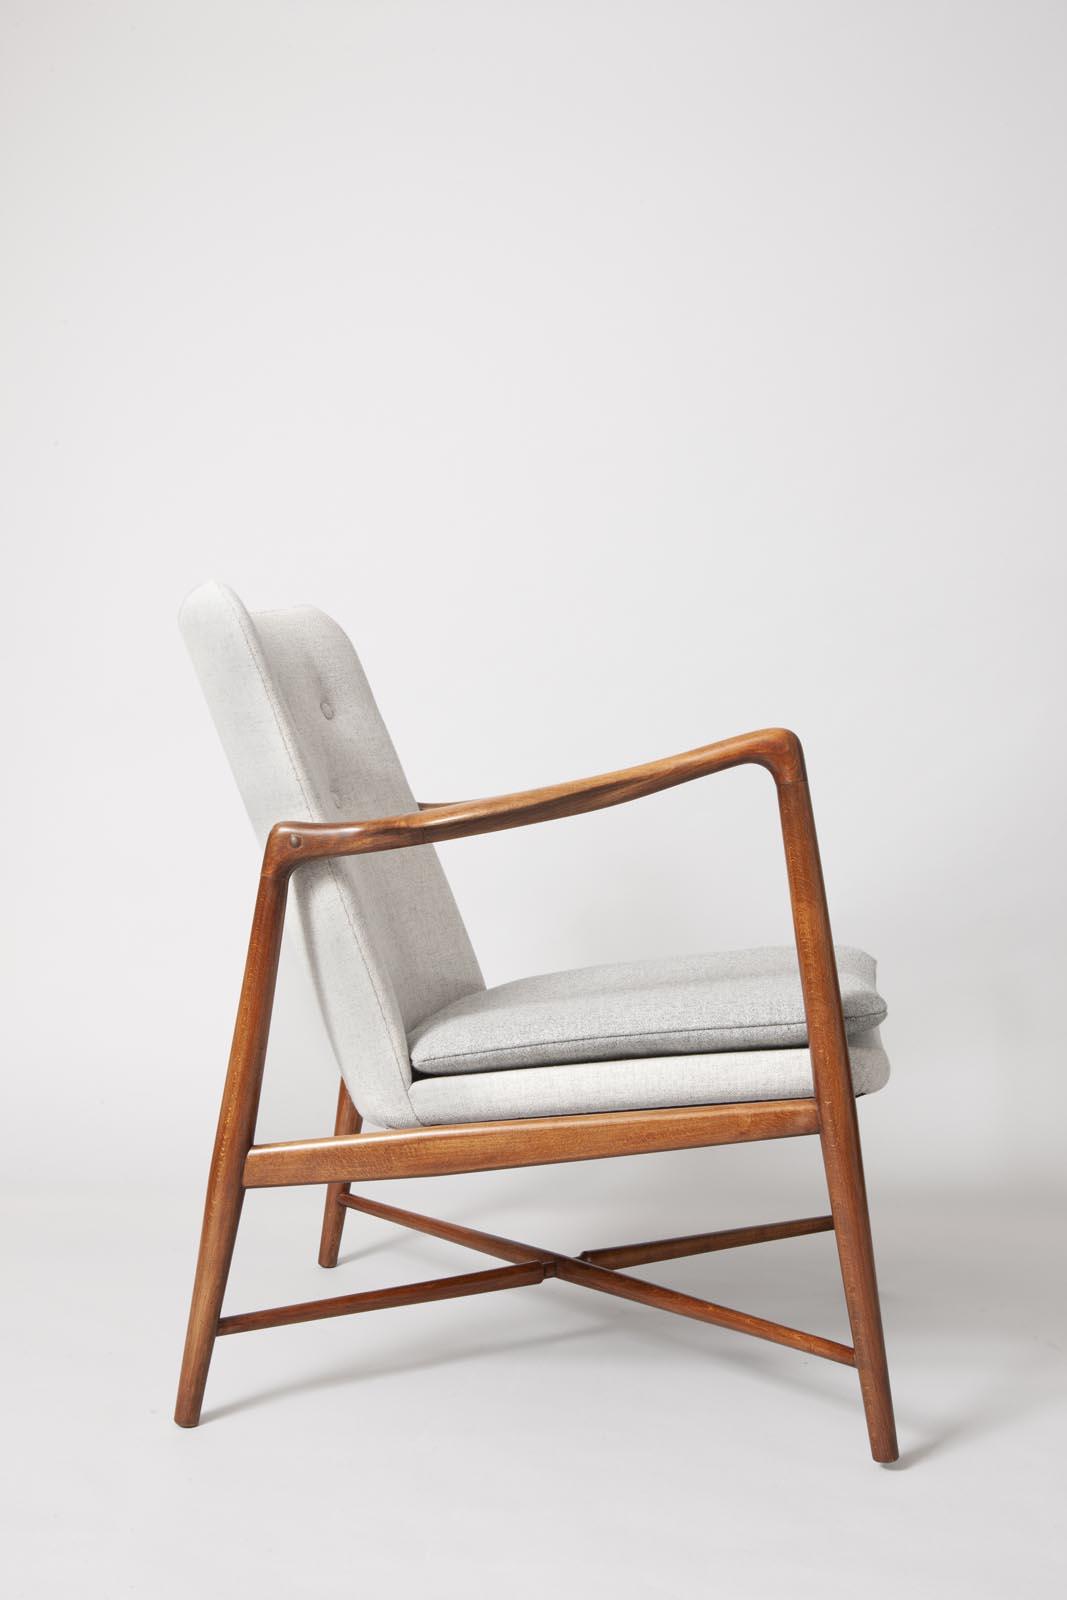 Finn Juhl birch and new wool chairs